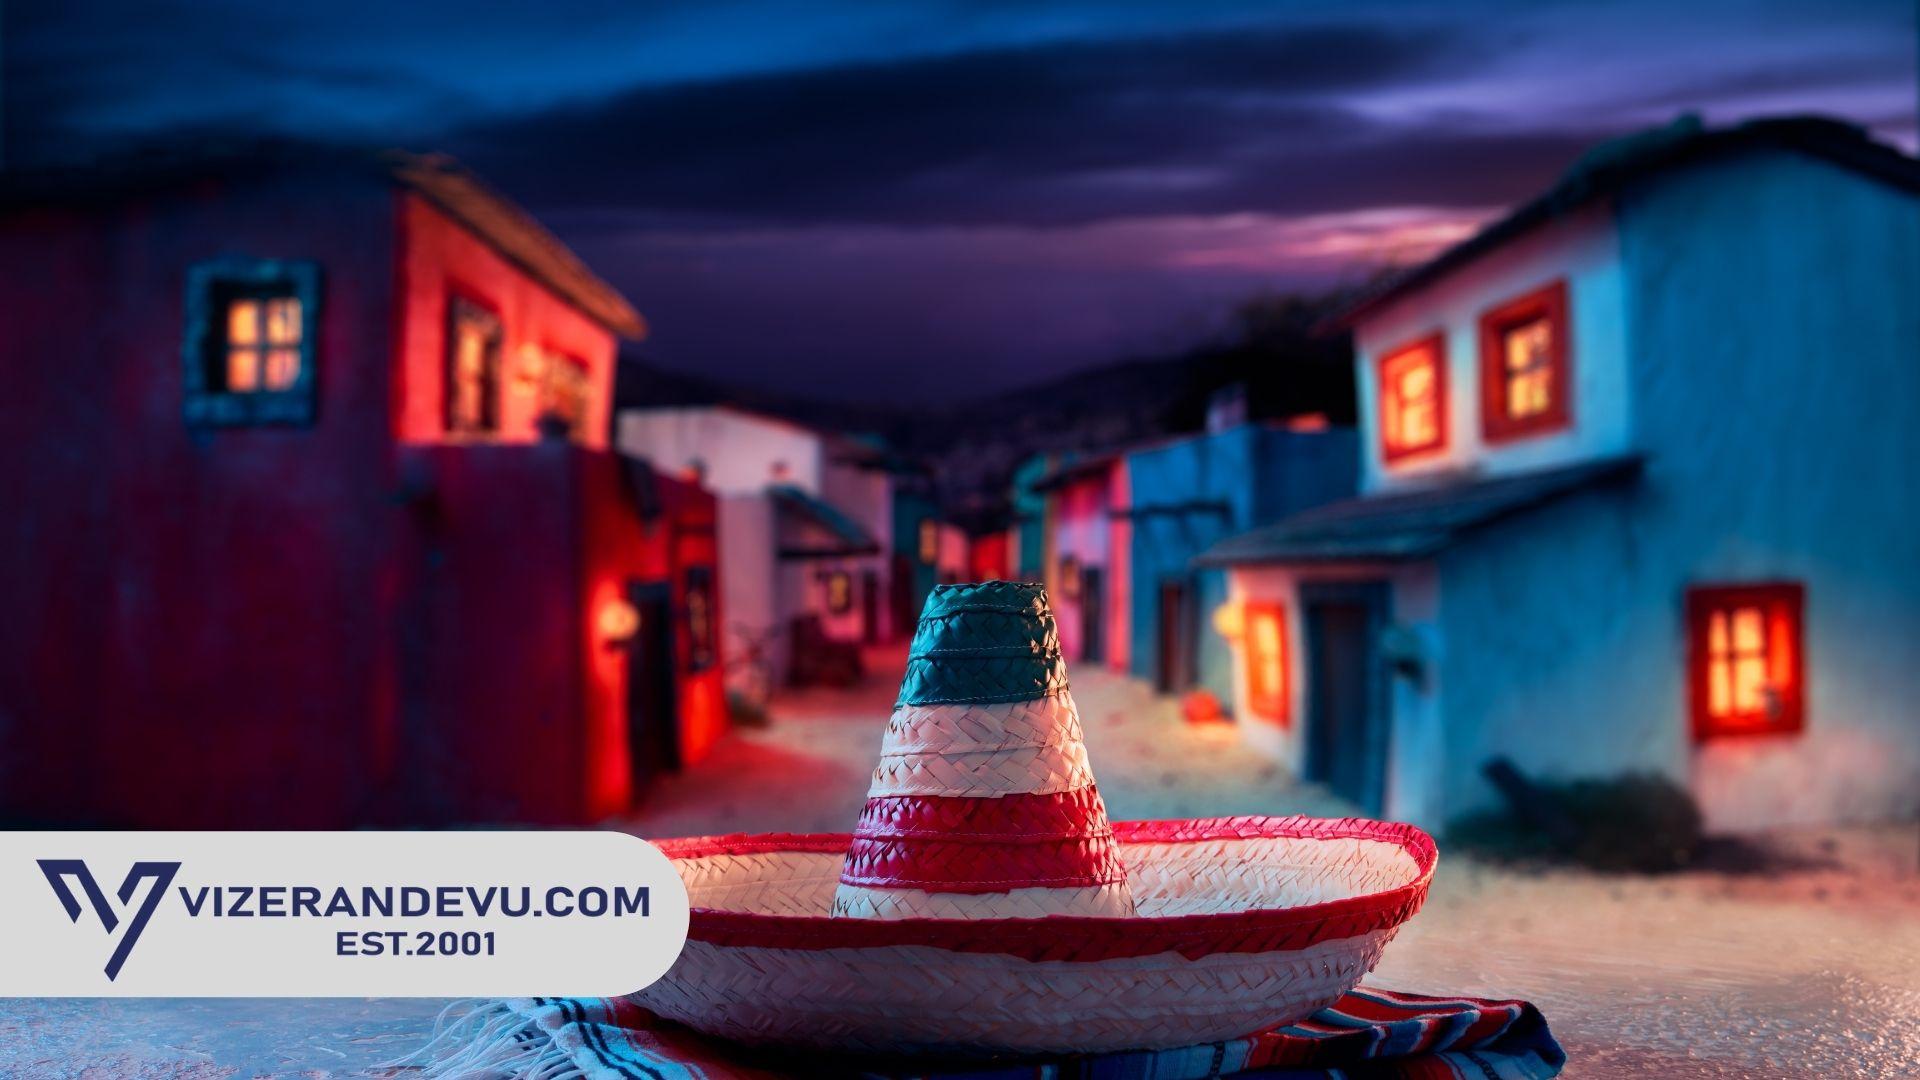 Meksika Vizesi İçin Neler Gerekiyor?